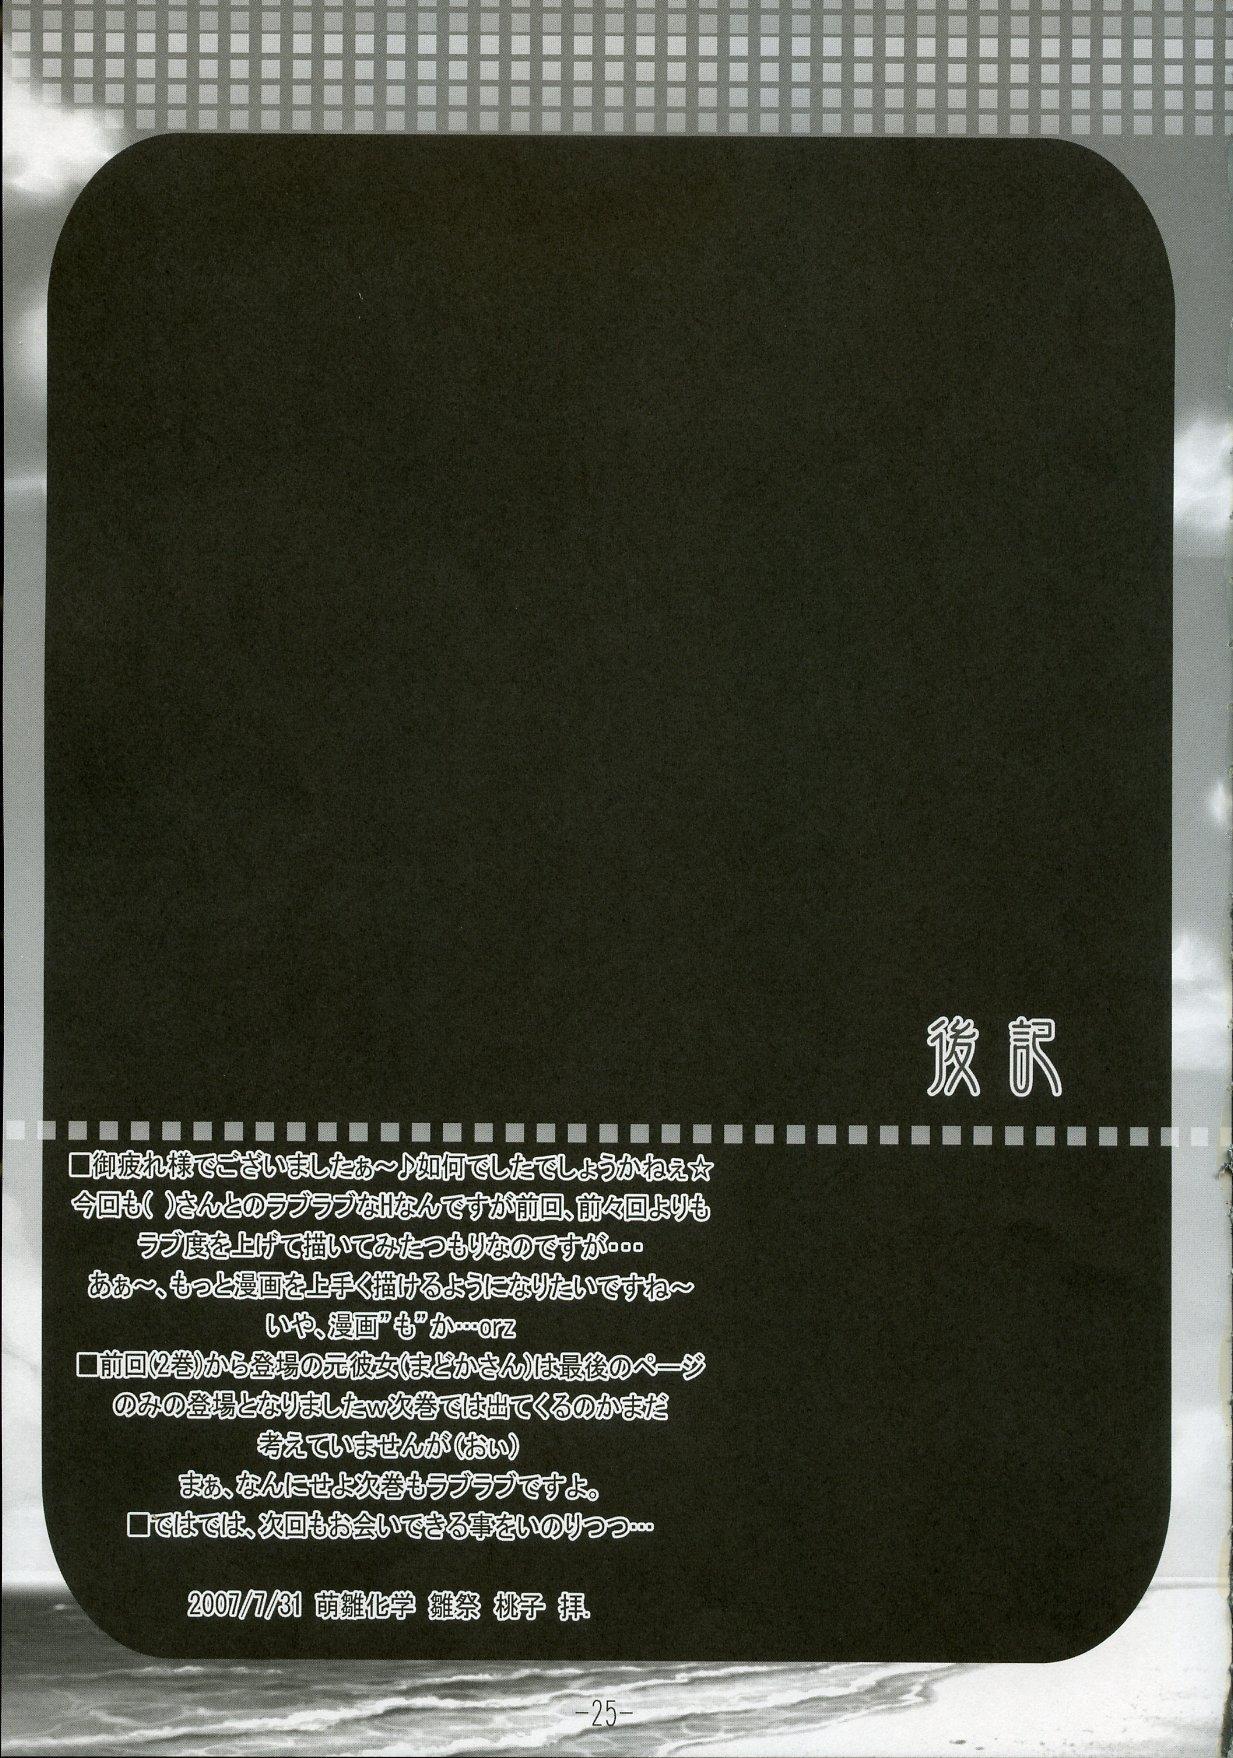 Riesz no Iru Nichijou 3 23